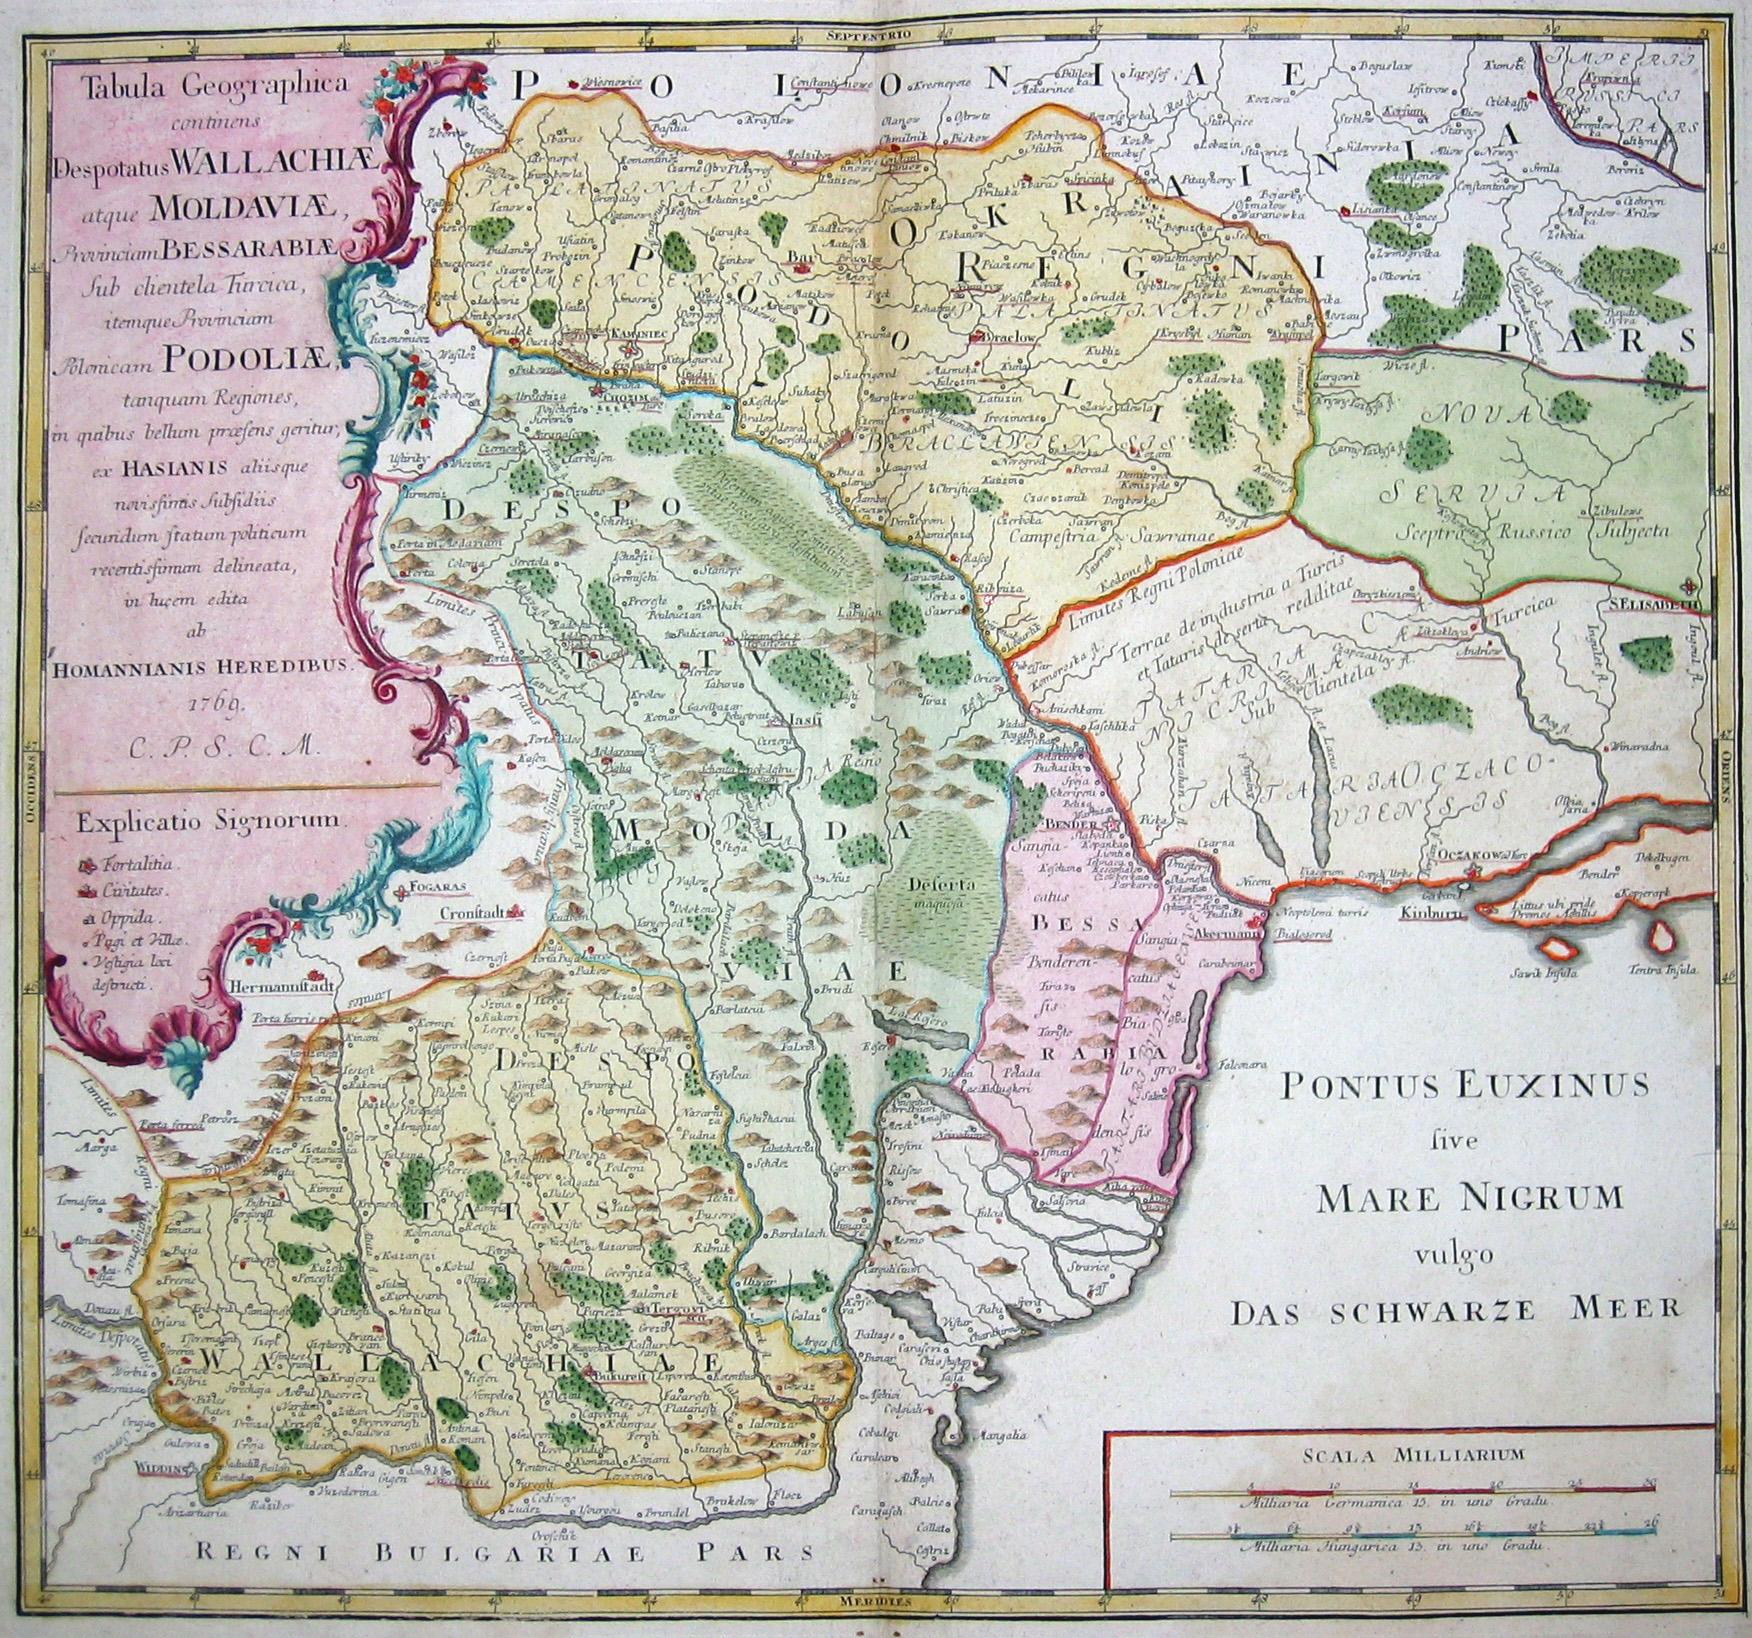 Homann Erben  Tabula Geographica continens Despotatus Wallchiae atque Moldaviae, Provinciam Bessarabiae sub clientela Turcica….